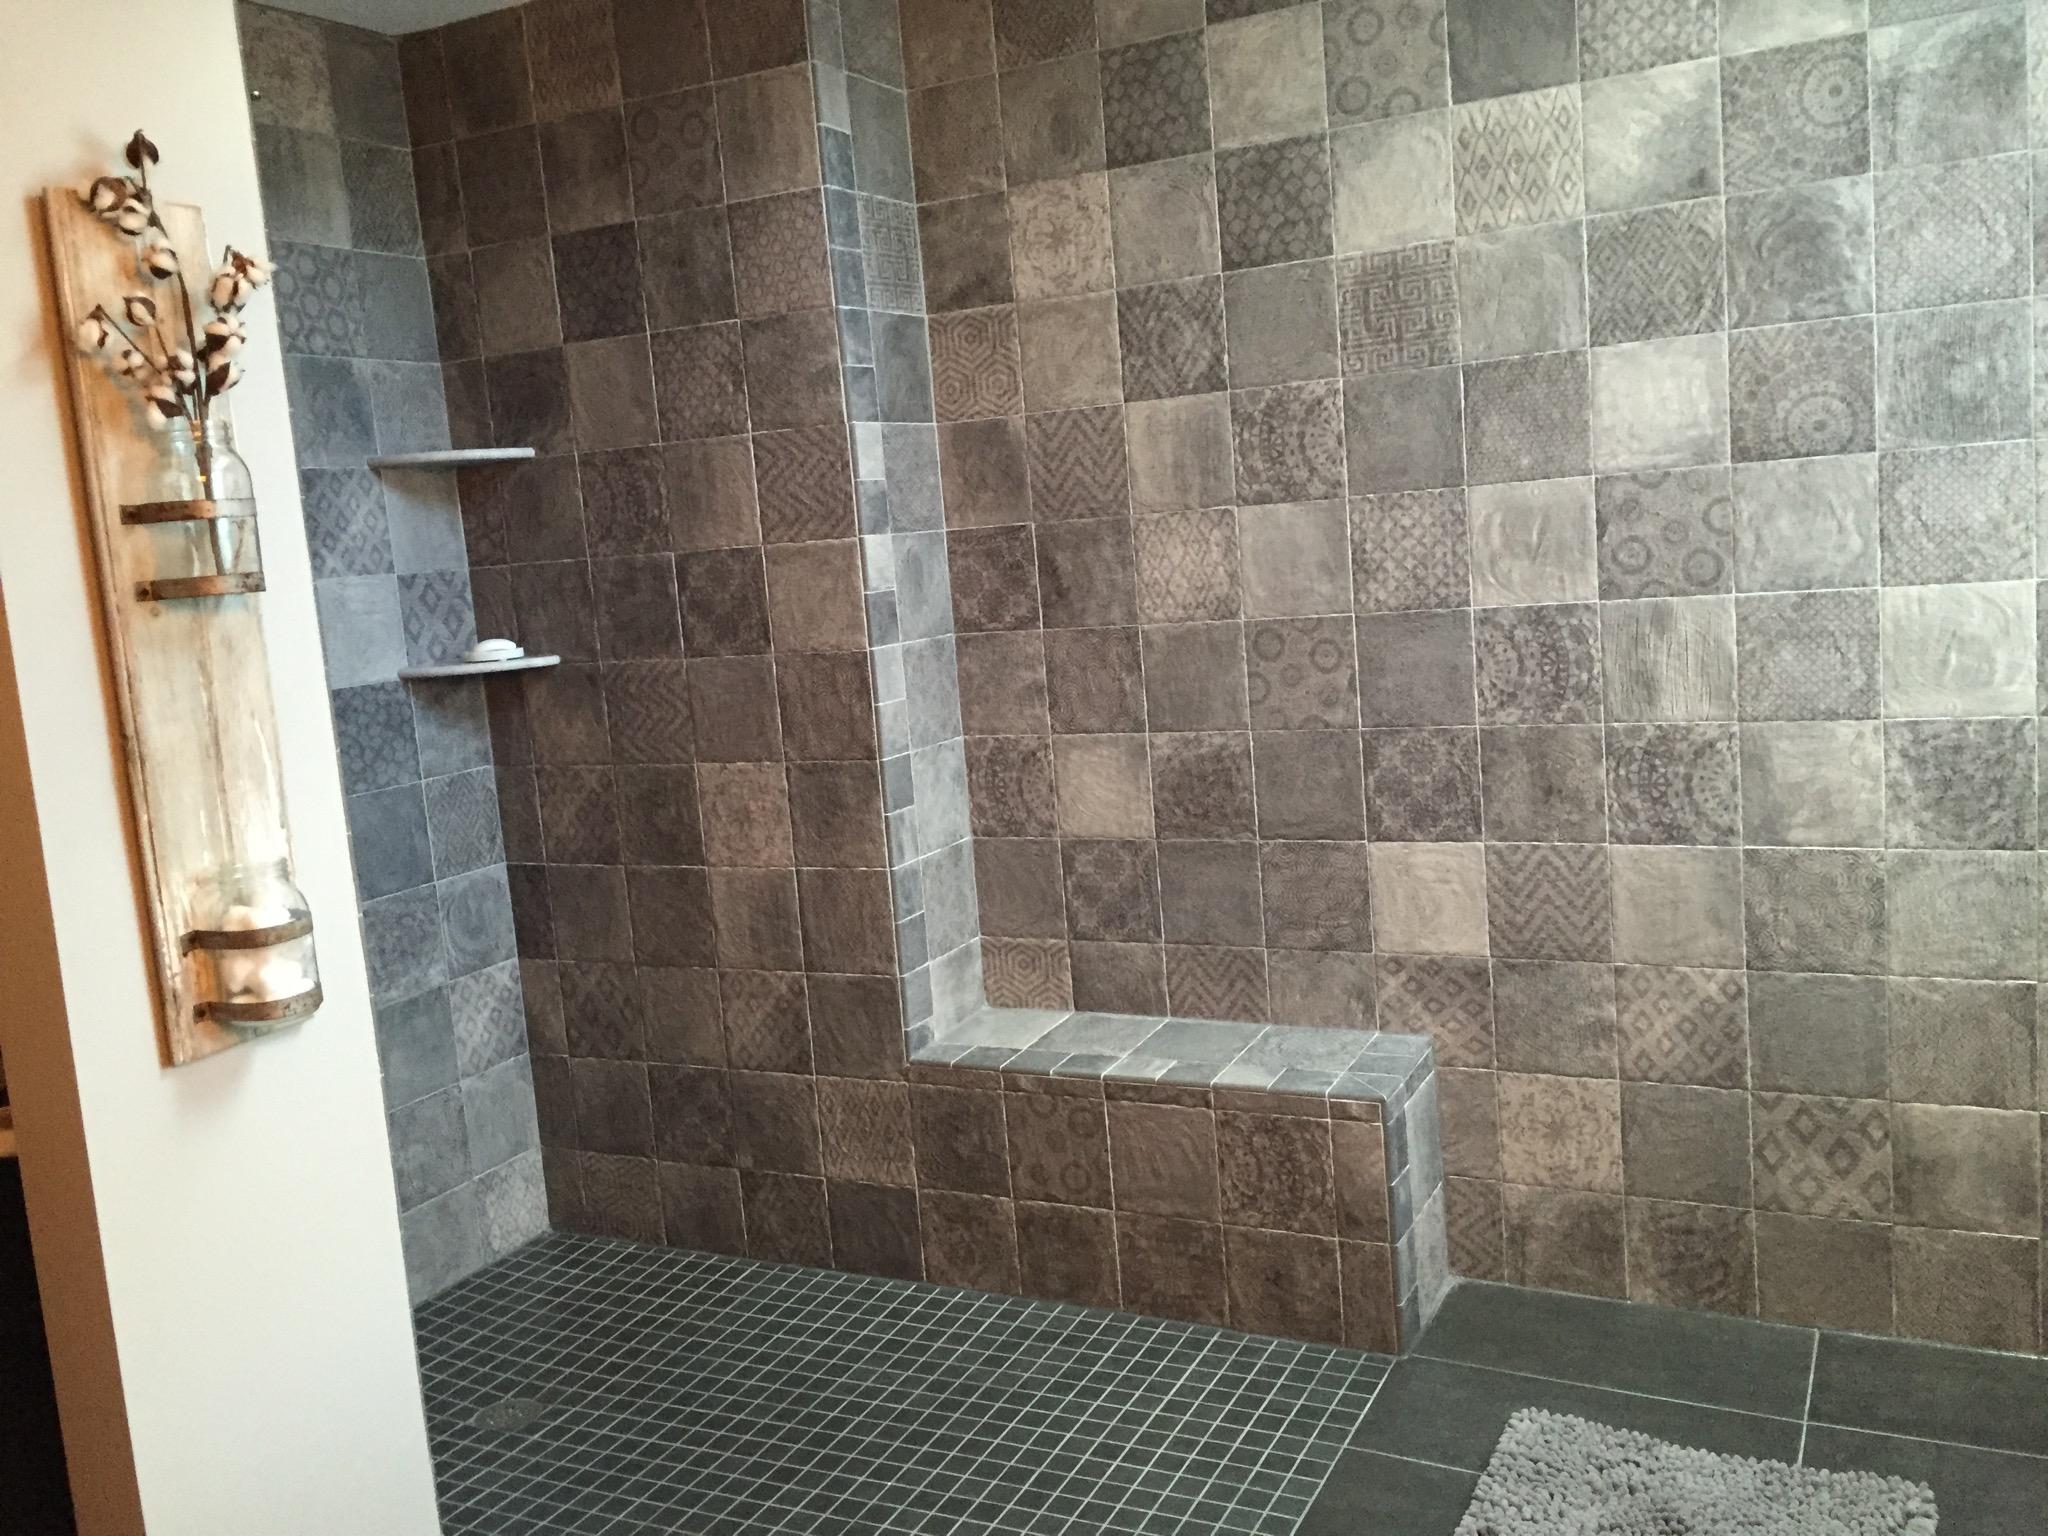 bathroom renovation visualizer home design life styles design visualizer k amp b home remodelers